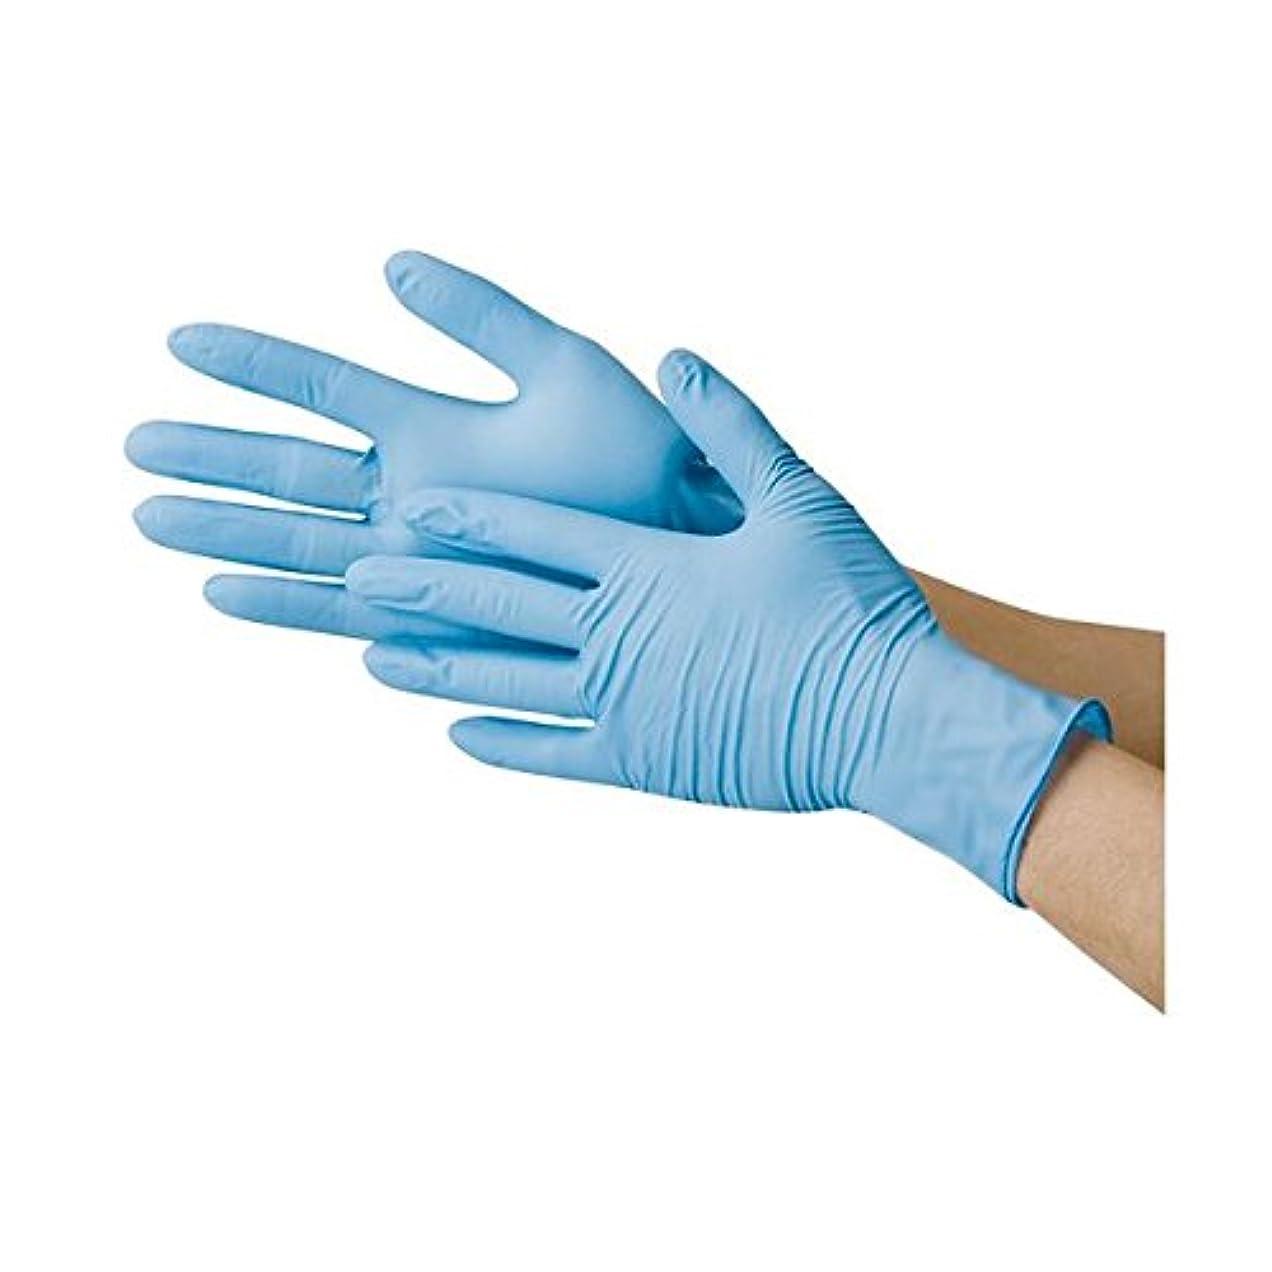 ギャロップ期限切れヒゲクジラ川西工業 ニトリル極薄手袋 粉なし ブルーM ダイエット 健康 衛生用品 その他の衛生用品 14067381 [並行輸入品]